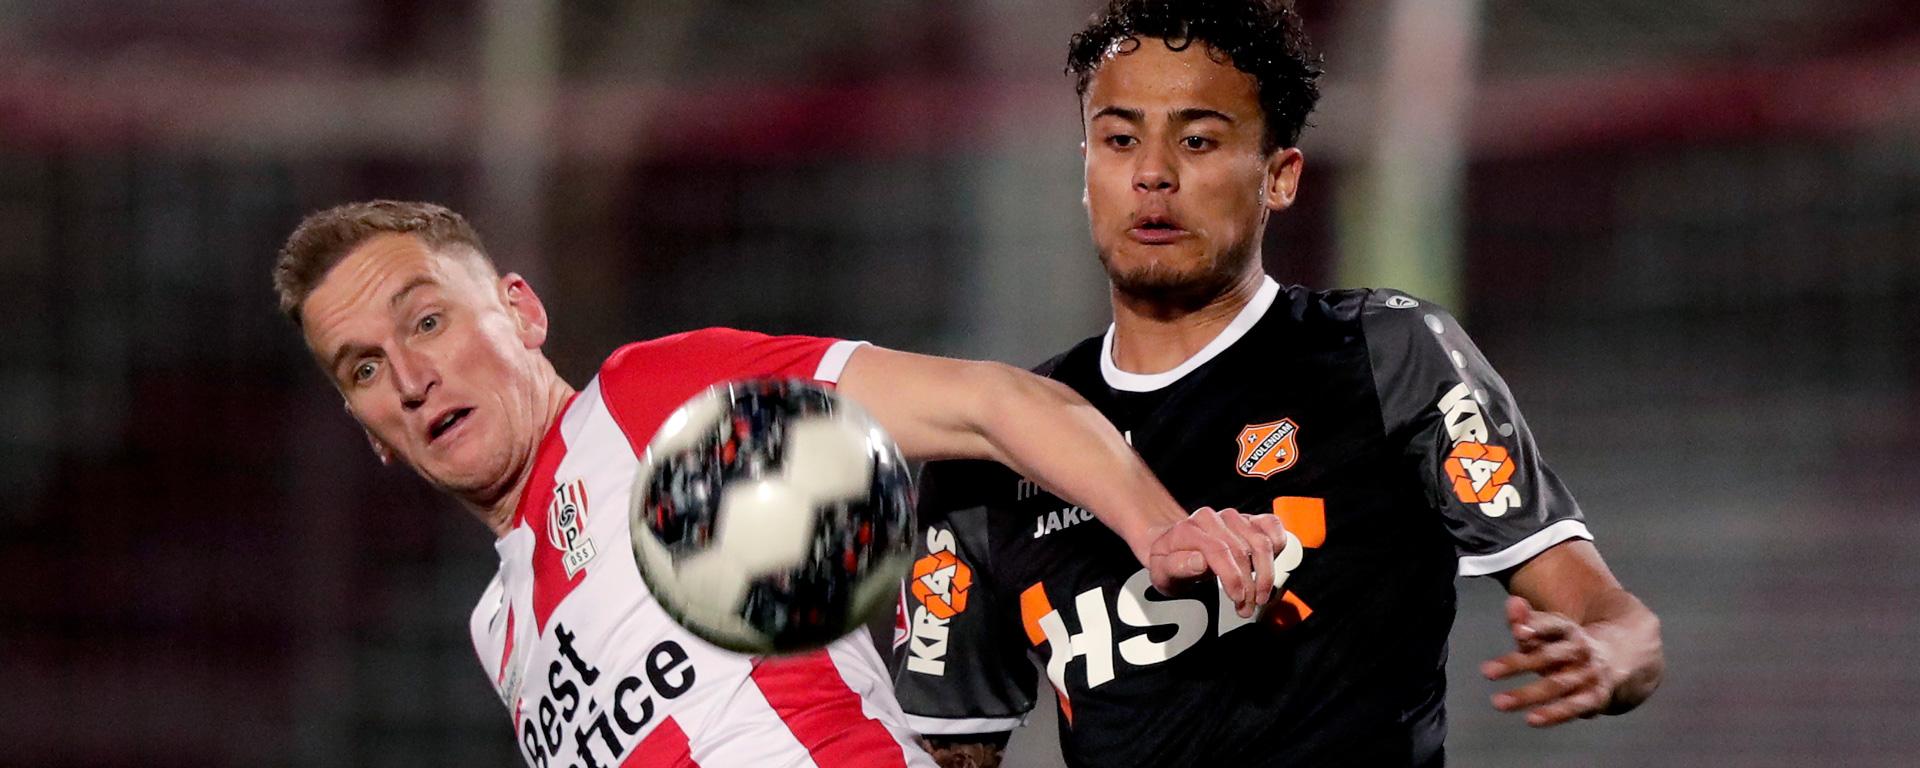 Van Mun Advies is wedstrijdsponsor van TOP Oss – FC Volendam